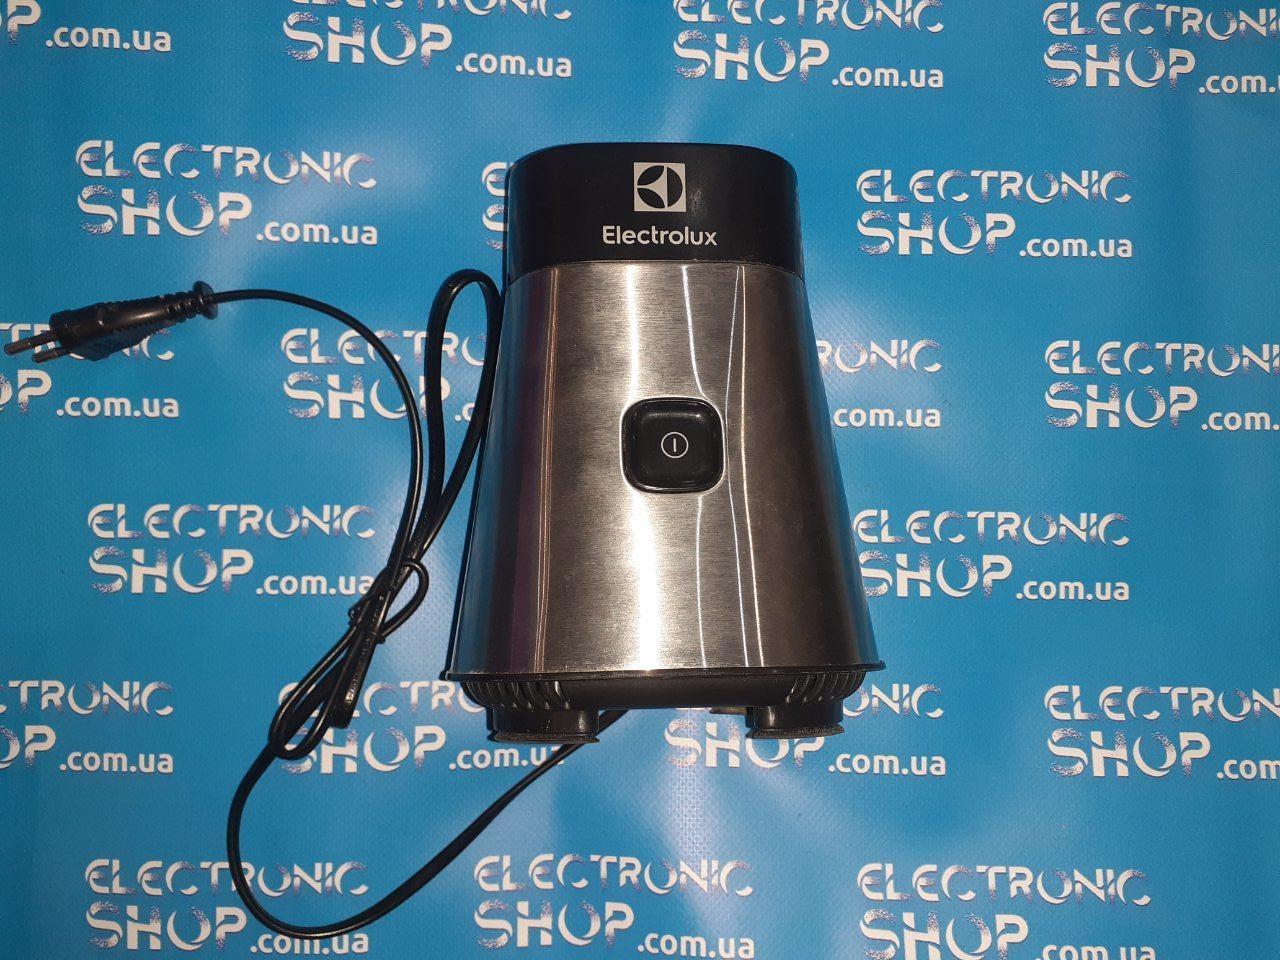 Моторный блок для стационарного блендера Electrolux ESB2500